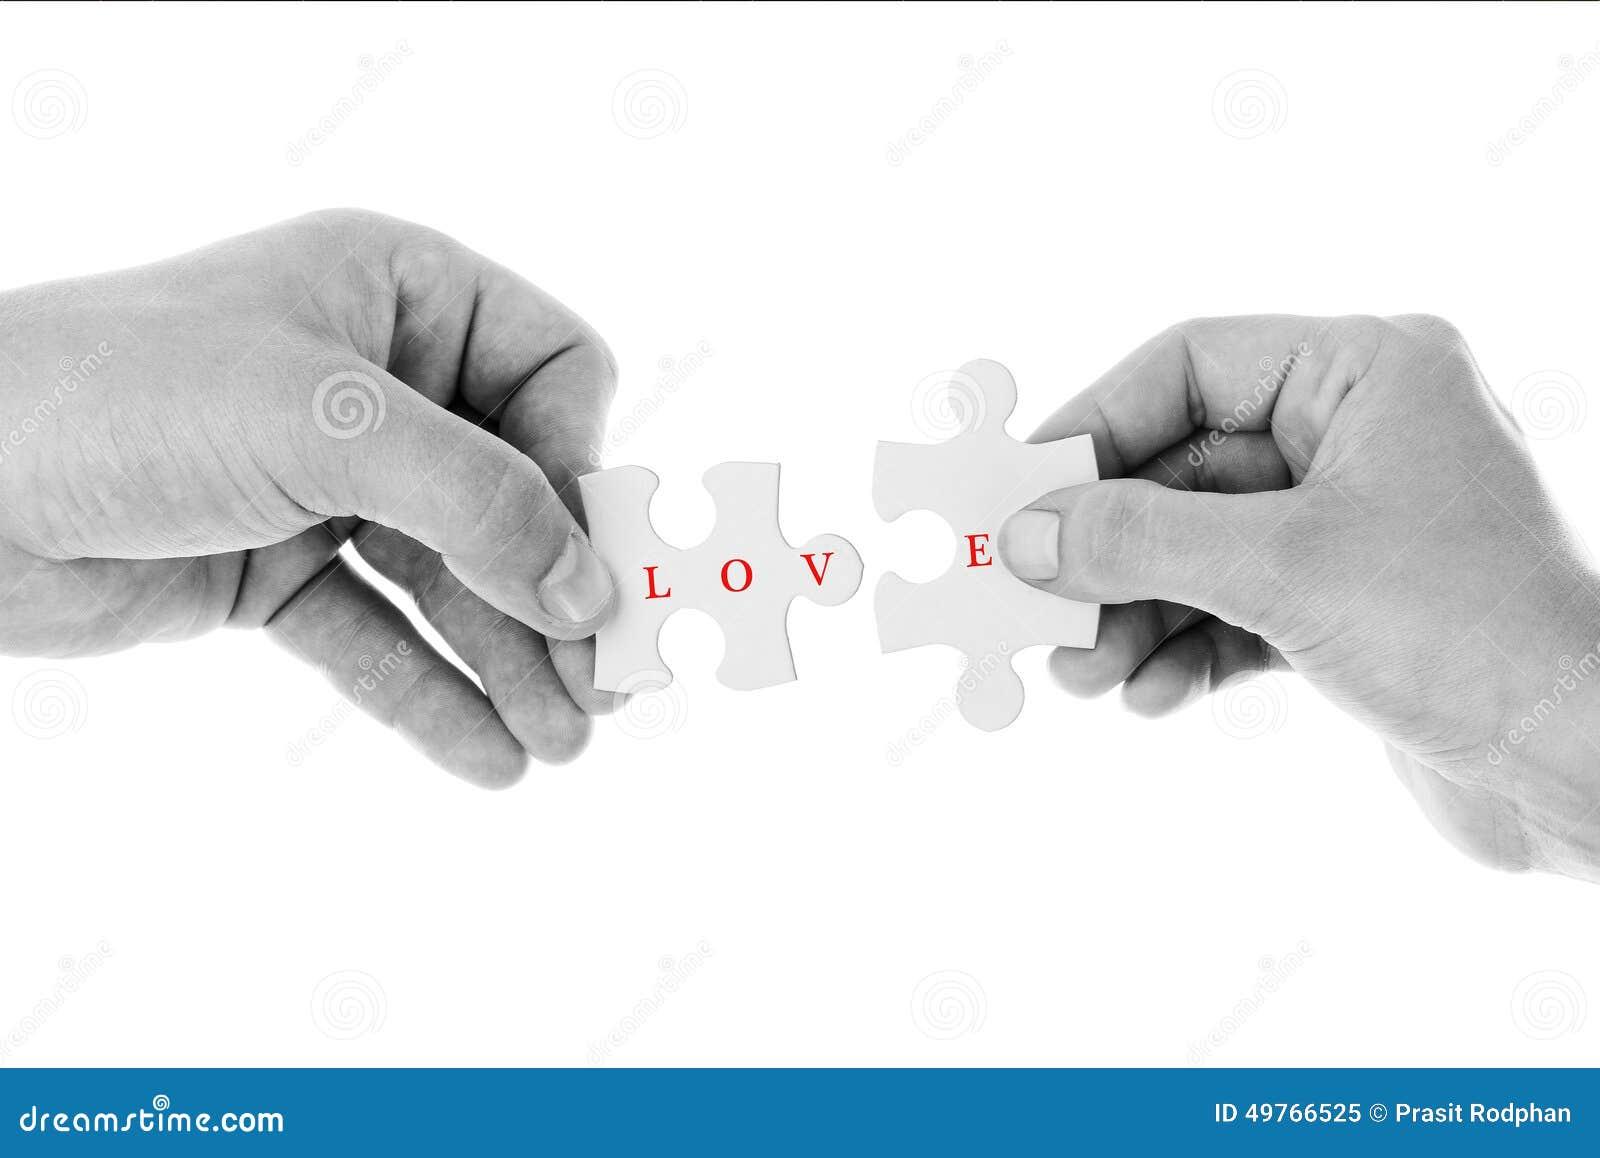 Förälskelsebegrepp - figursåg av förälskelse i svart- & vitfärg